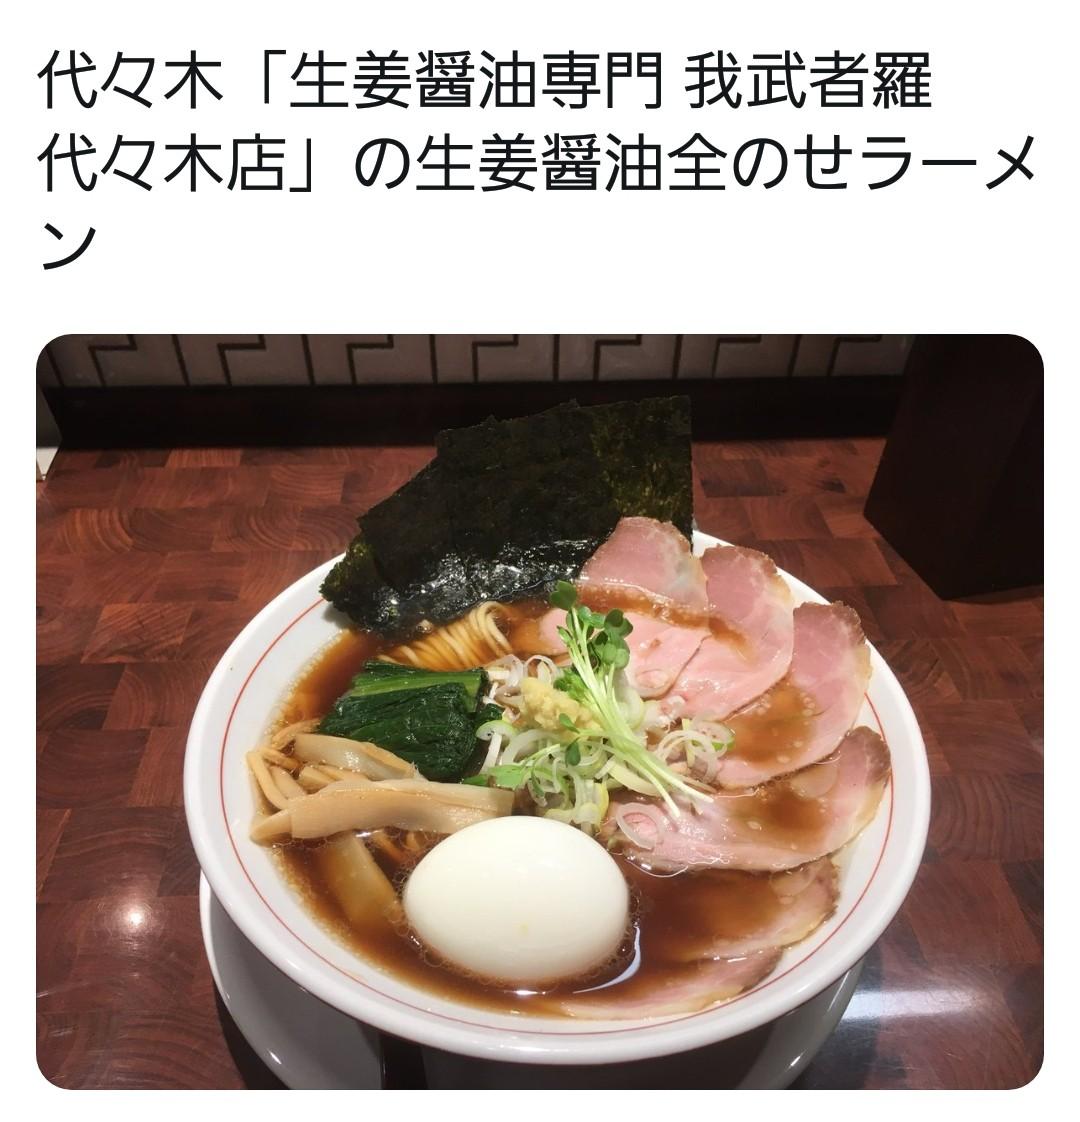 代々木ラーメン店,我武者羅,生姜醤油,美味しい,トッピング,カロリー